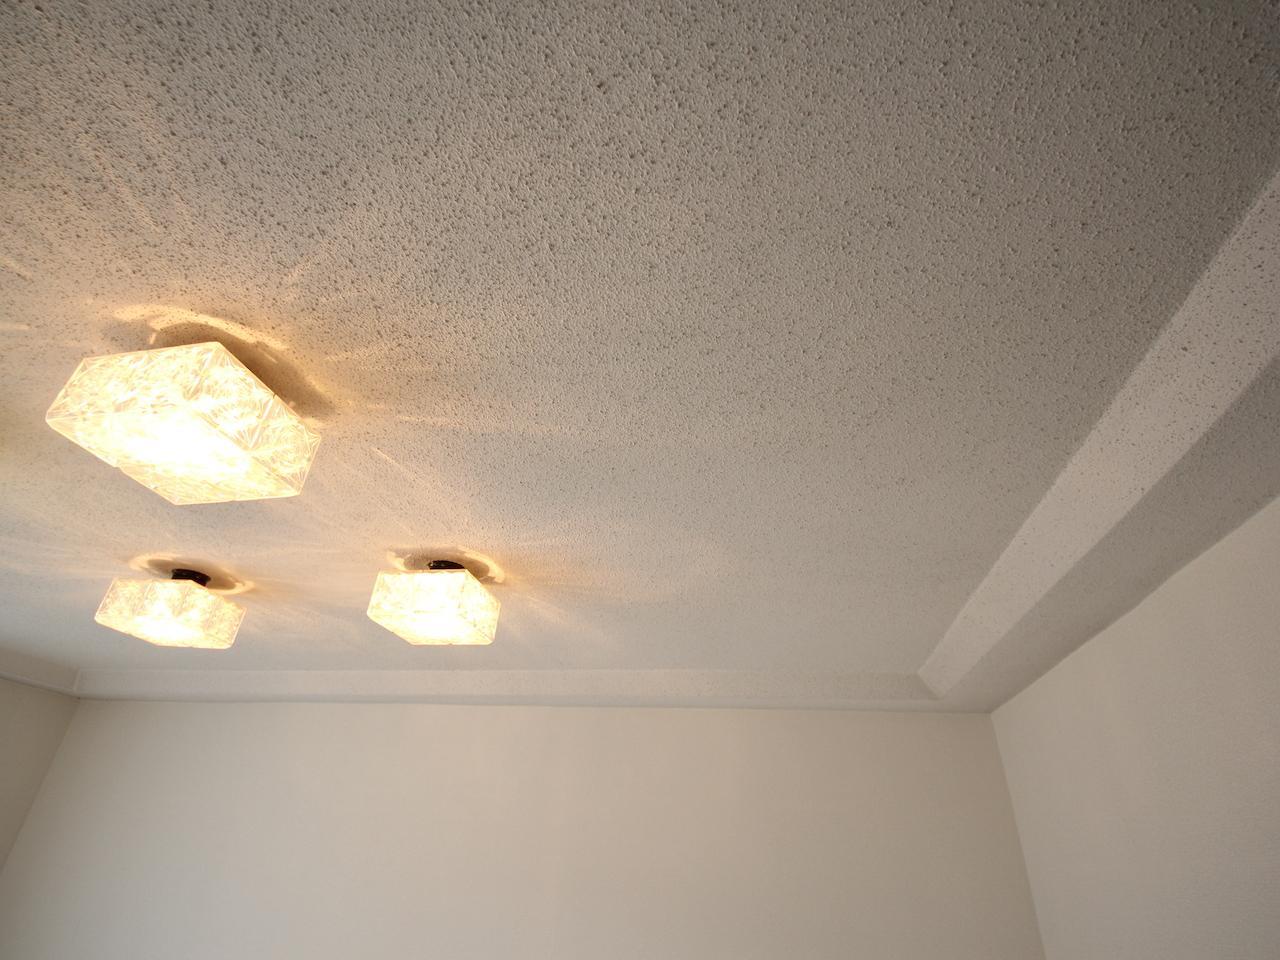 折り下げ天井が空間にリズムを与えています